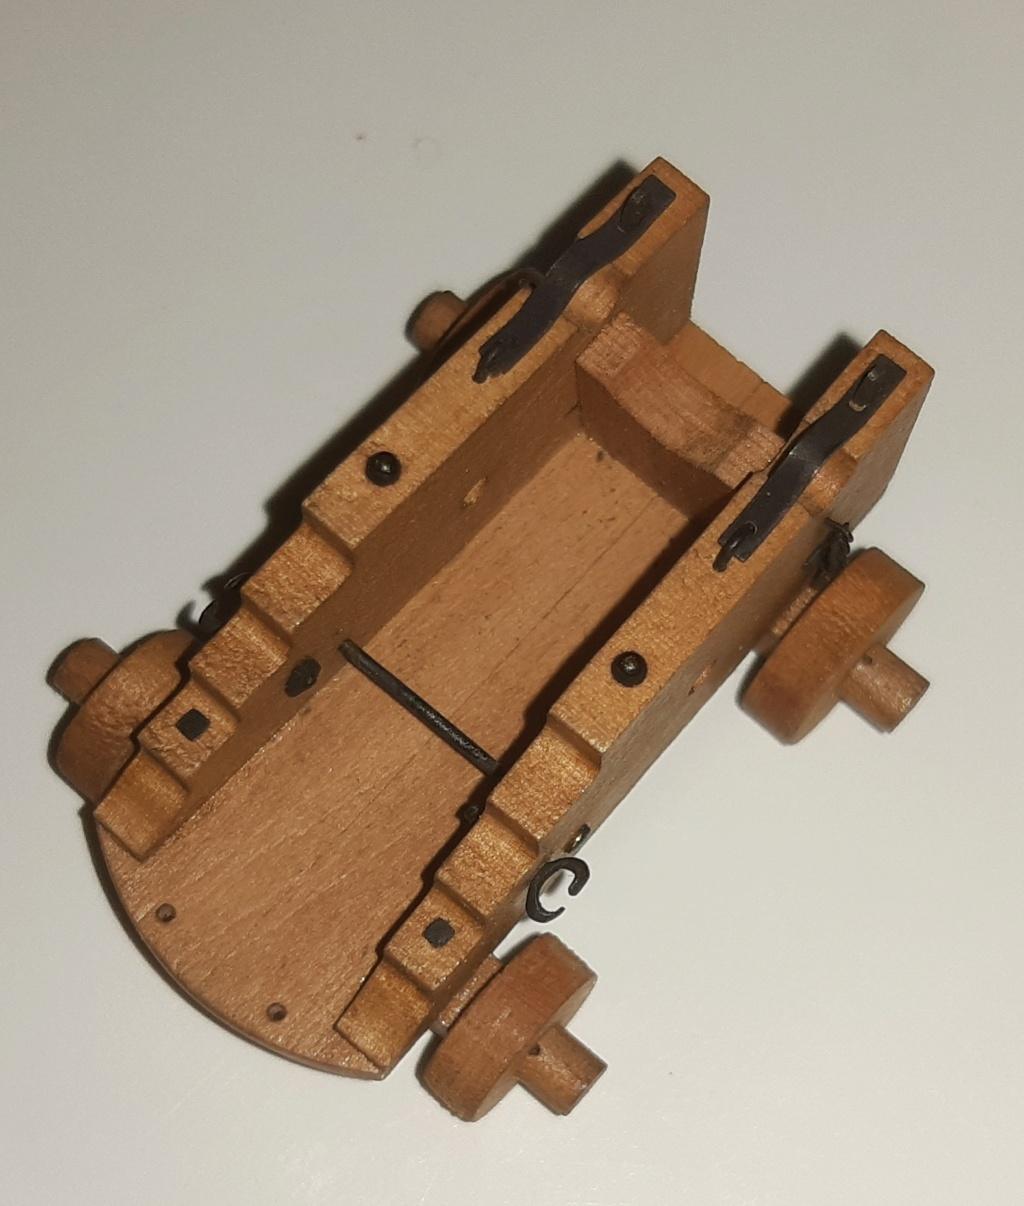 La Belle 1684 scala 1/24  piani ANCRE cantiere di grisuzone  - Pagina 9 Rim20111